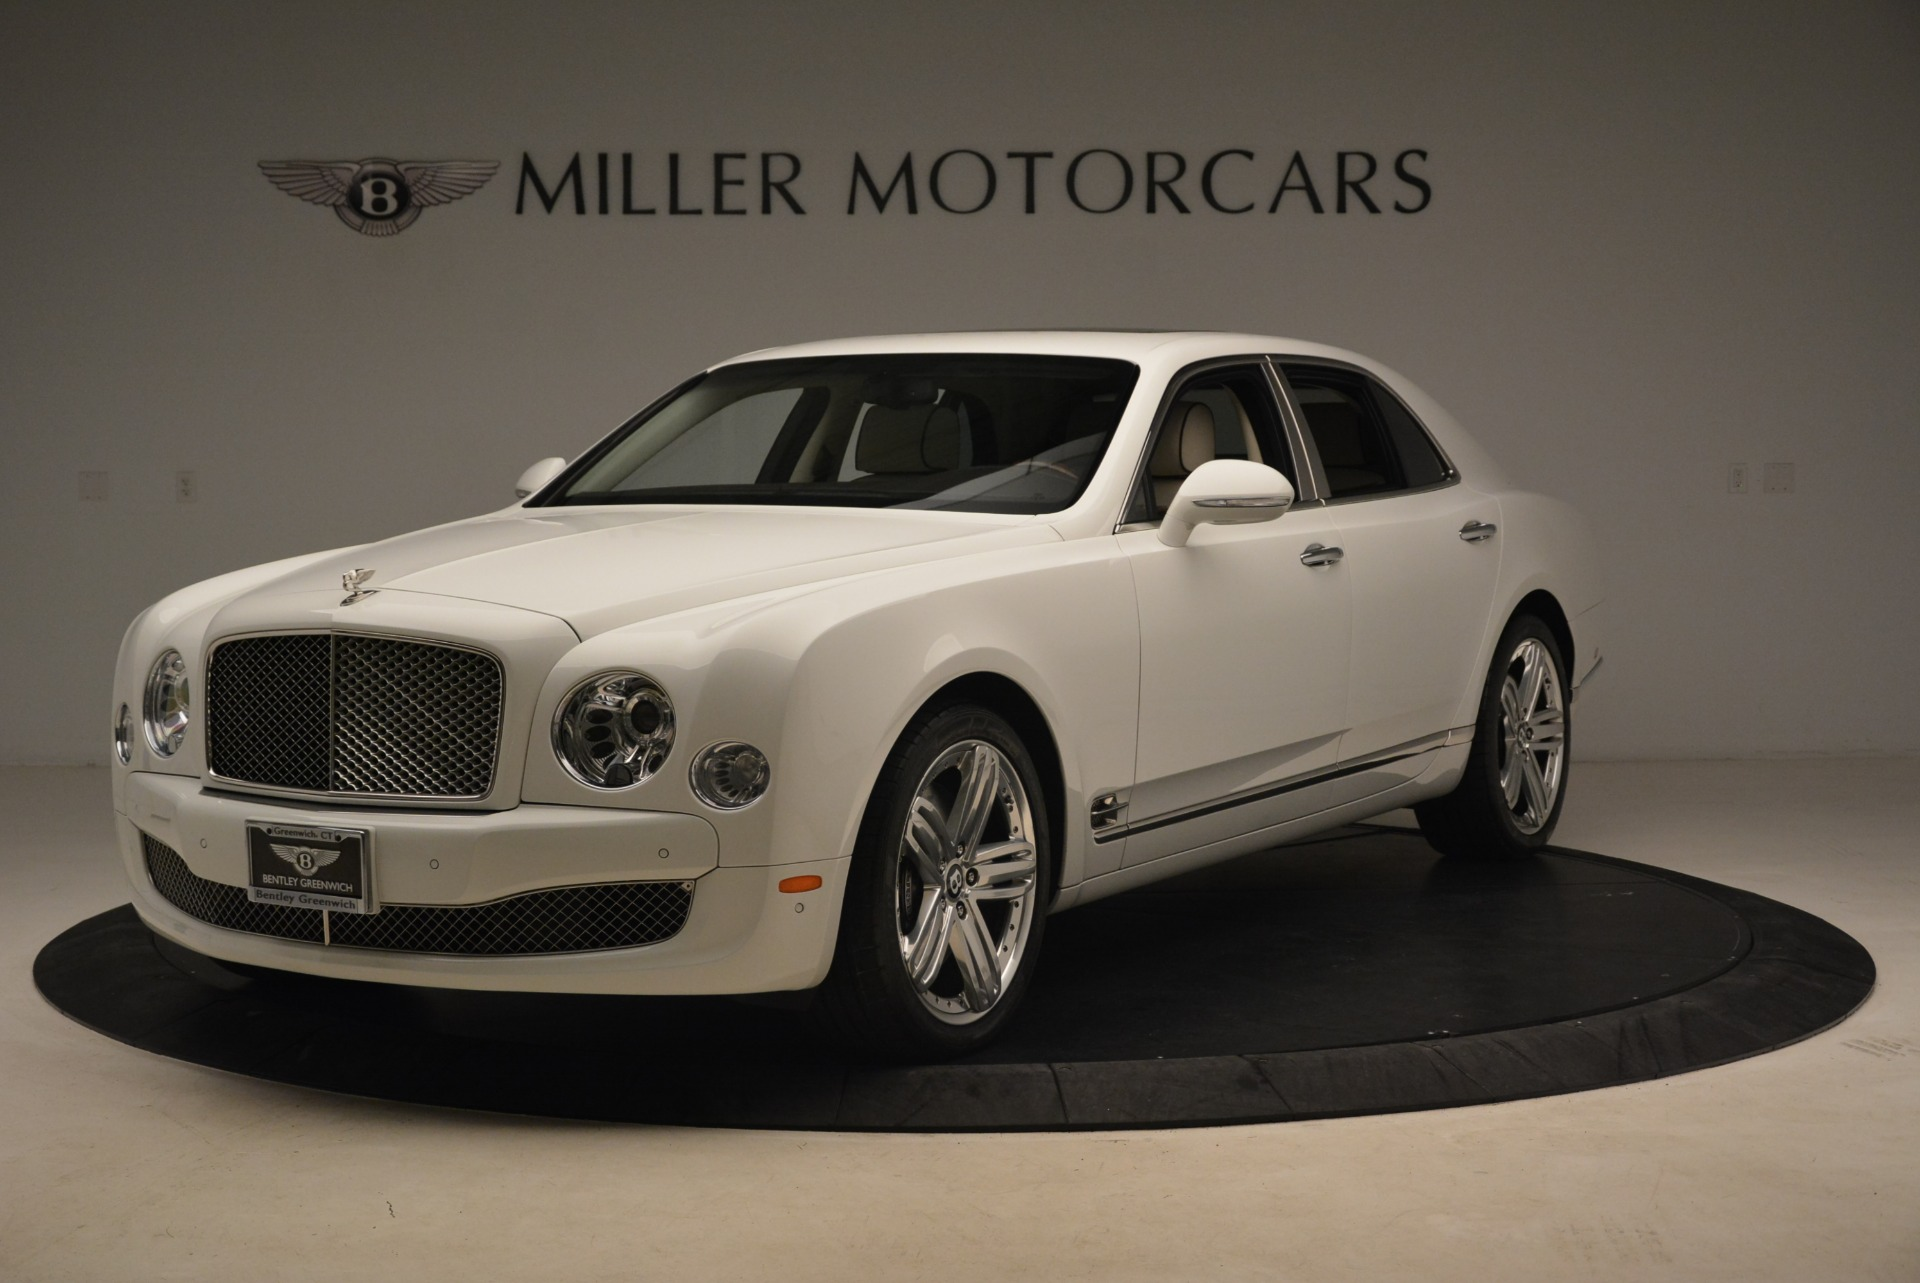 Used 2013 Bentley Mulsanne for sale Sold at Alfa Romeo of Westport in Westport CT 06880 1